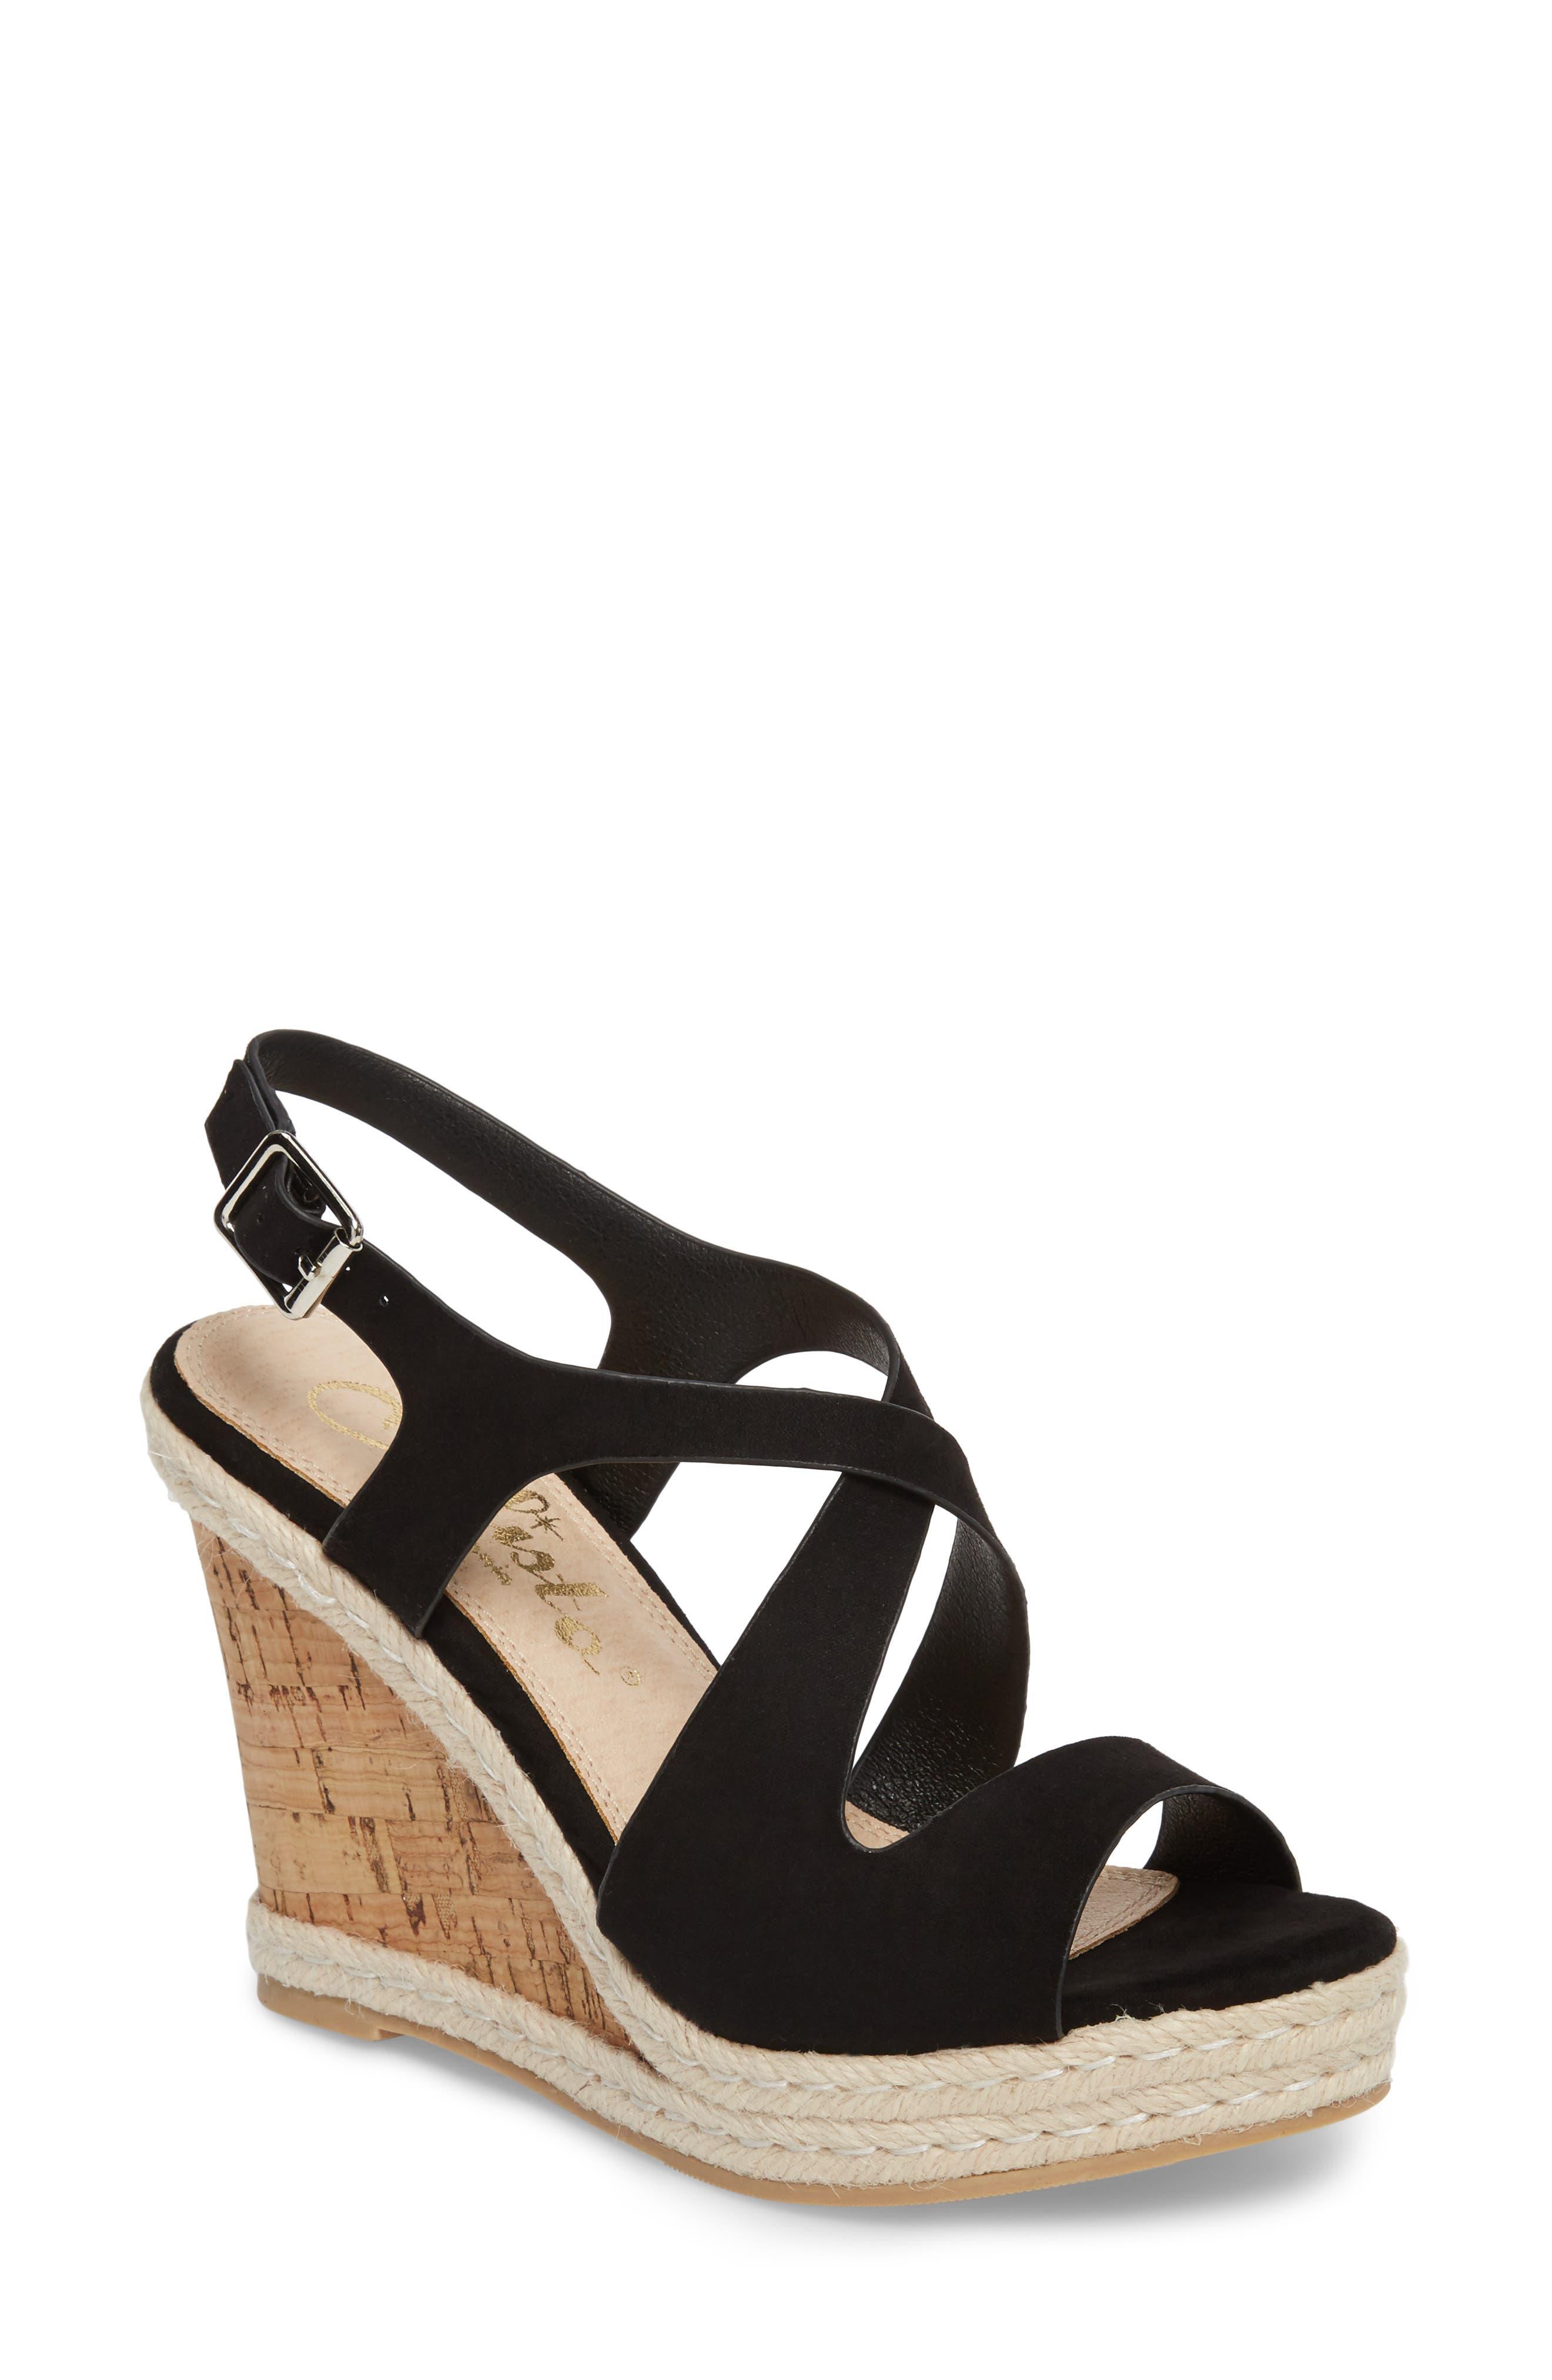 Brielle Wedge Sandal,                         Main,                         color, Black Suede